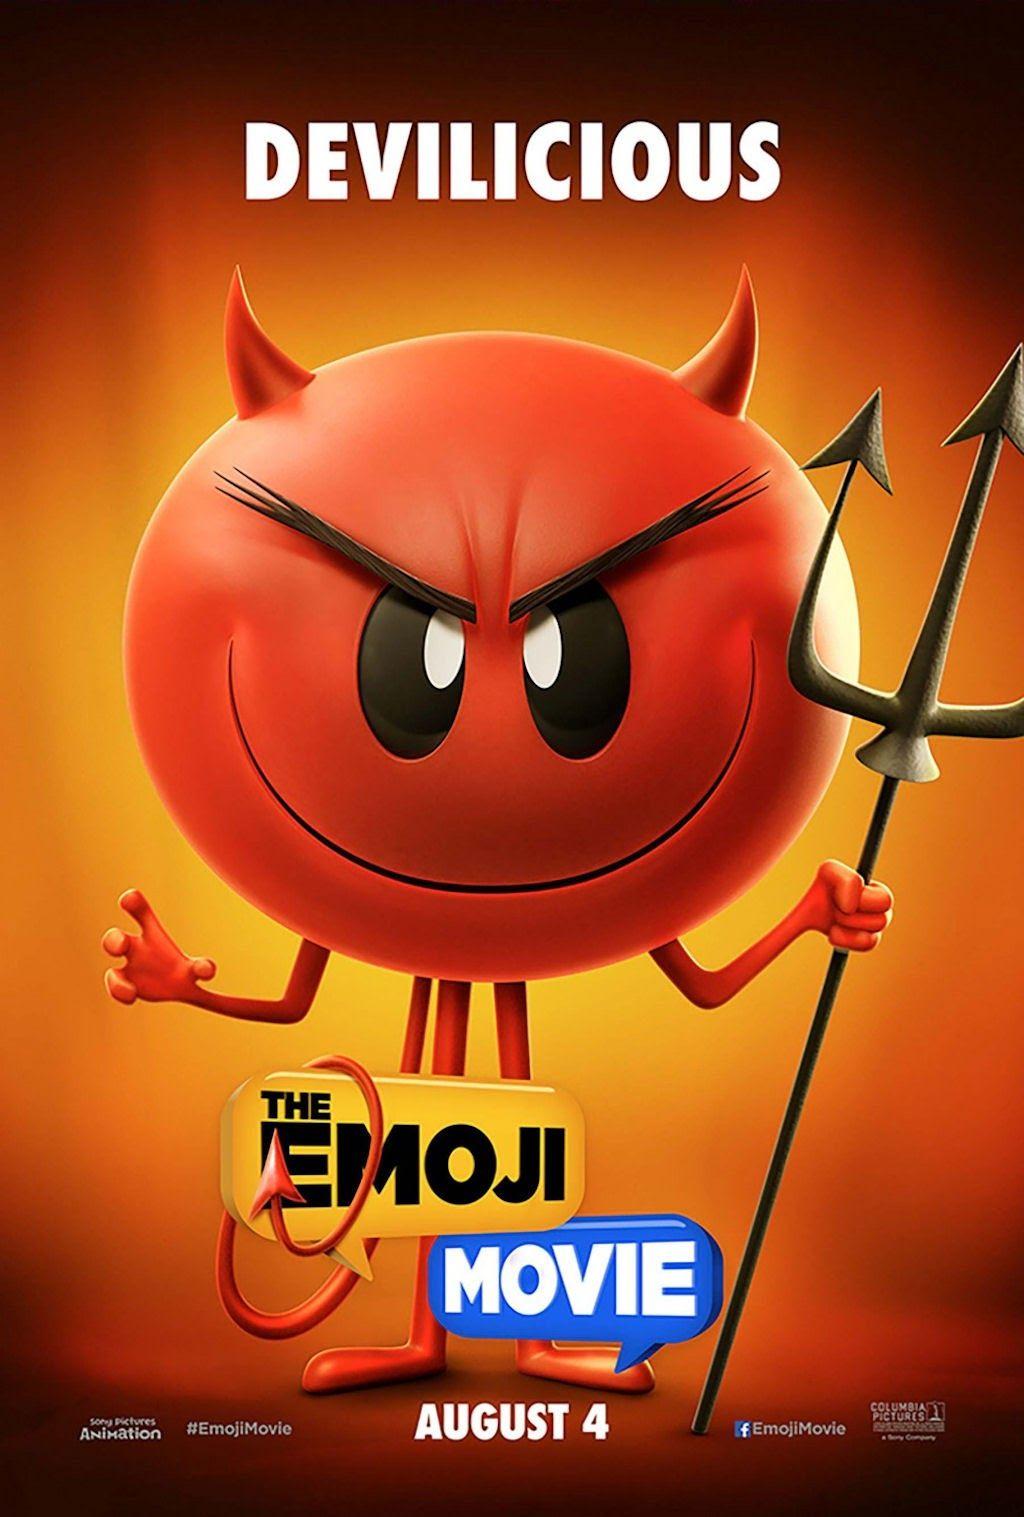 The Emoji Movie Poster No 3 Emoji Movie Free Movies Online Movies 2017